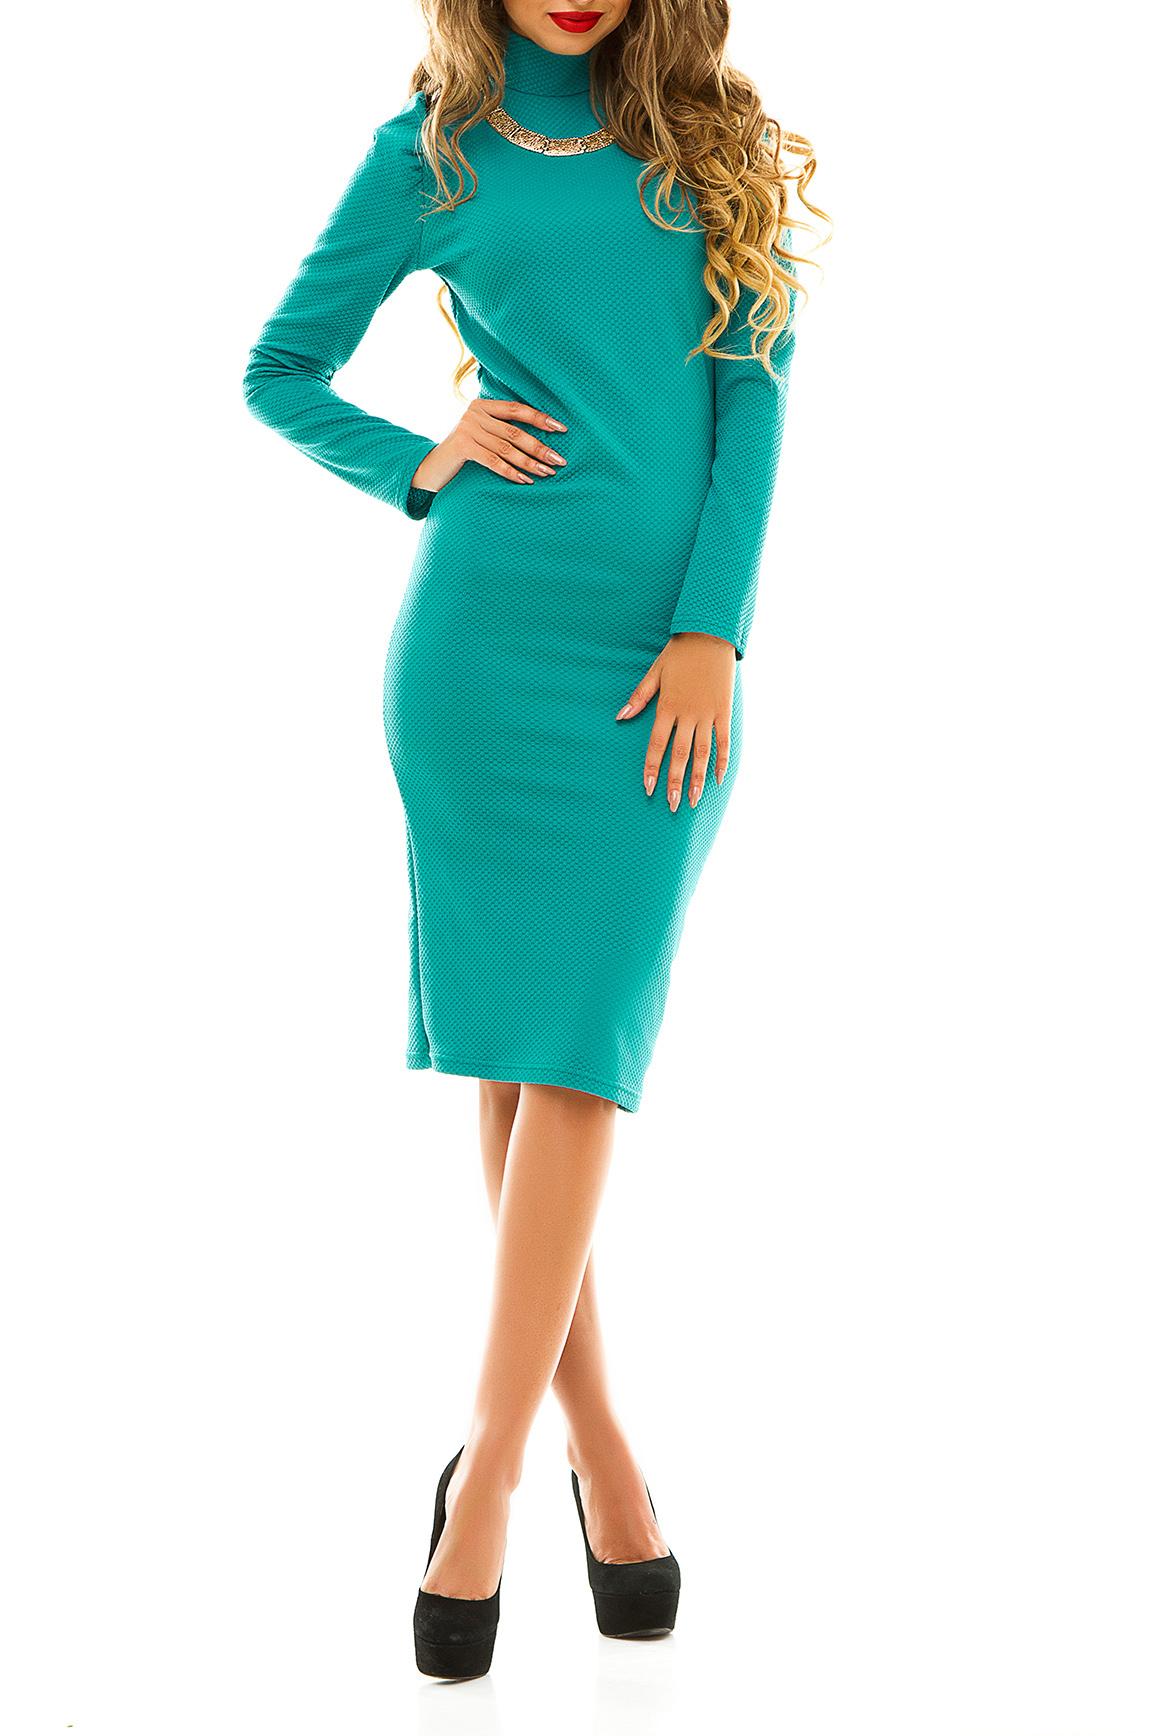 ПлатьеПлатья<br>Стильное платье с высокой горловиной выполнено из трикотажа. В качестве декора использовано массивное украшение на груди, имитирующее колье. Еще одним элементом отделки можно считать функциональную змейку, которая проходит по всей линии спины. Длинные рукава довольно сильно присобраны на плечах, что придает платью элегантный, и в то же время слегка кокетливый вид. В целом, модель настолько универсальна, что подойдет для создания любого стиля. Достаточно правильно подобрать аксессуары и обувь, чтобы превратить его в коктейльный или даже вечерний вариант.  Цвет: бирюзовый.  Ростовка изделия 170 см<br><br>Воротник: Стойка<br>По длине: Ниже колена<br>По материалу: Трикотаж<br>По рисунку: Однотонные,Фактурный рисунок<br>По силуэту: Приталенные<br>По стилю: Классический стиль,Кэжуал,Офисный стиль,Повседневный стиль<br>По форме: Платье - карандаш,Платье - футляр<br>По элементам: С воротником,С декором,С молнией,С отделочной фурнитурой<br>Рукав: Длинный рукав<br>По сезону: Зима<br>Размер : 42<br>Материал: Трикотаж<br>Количество в наличии: 1